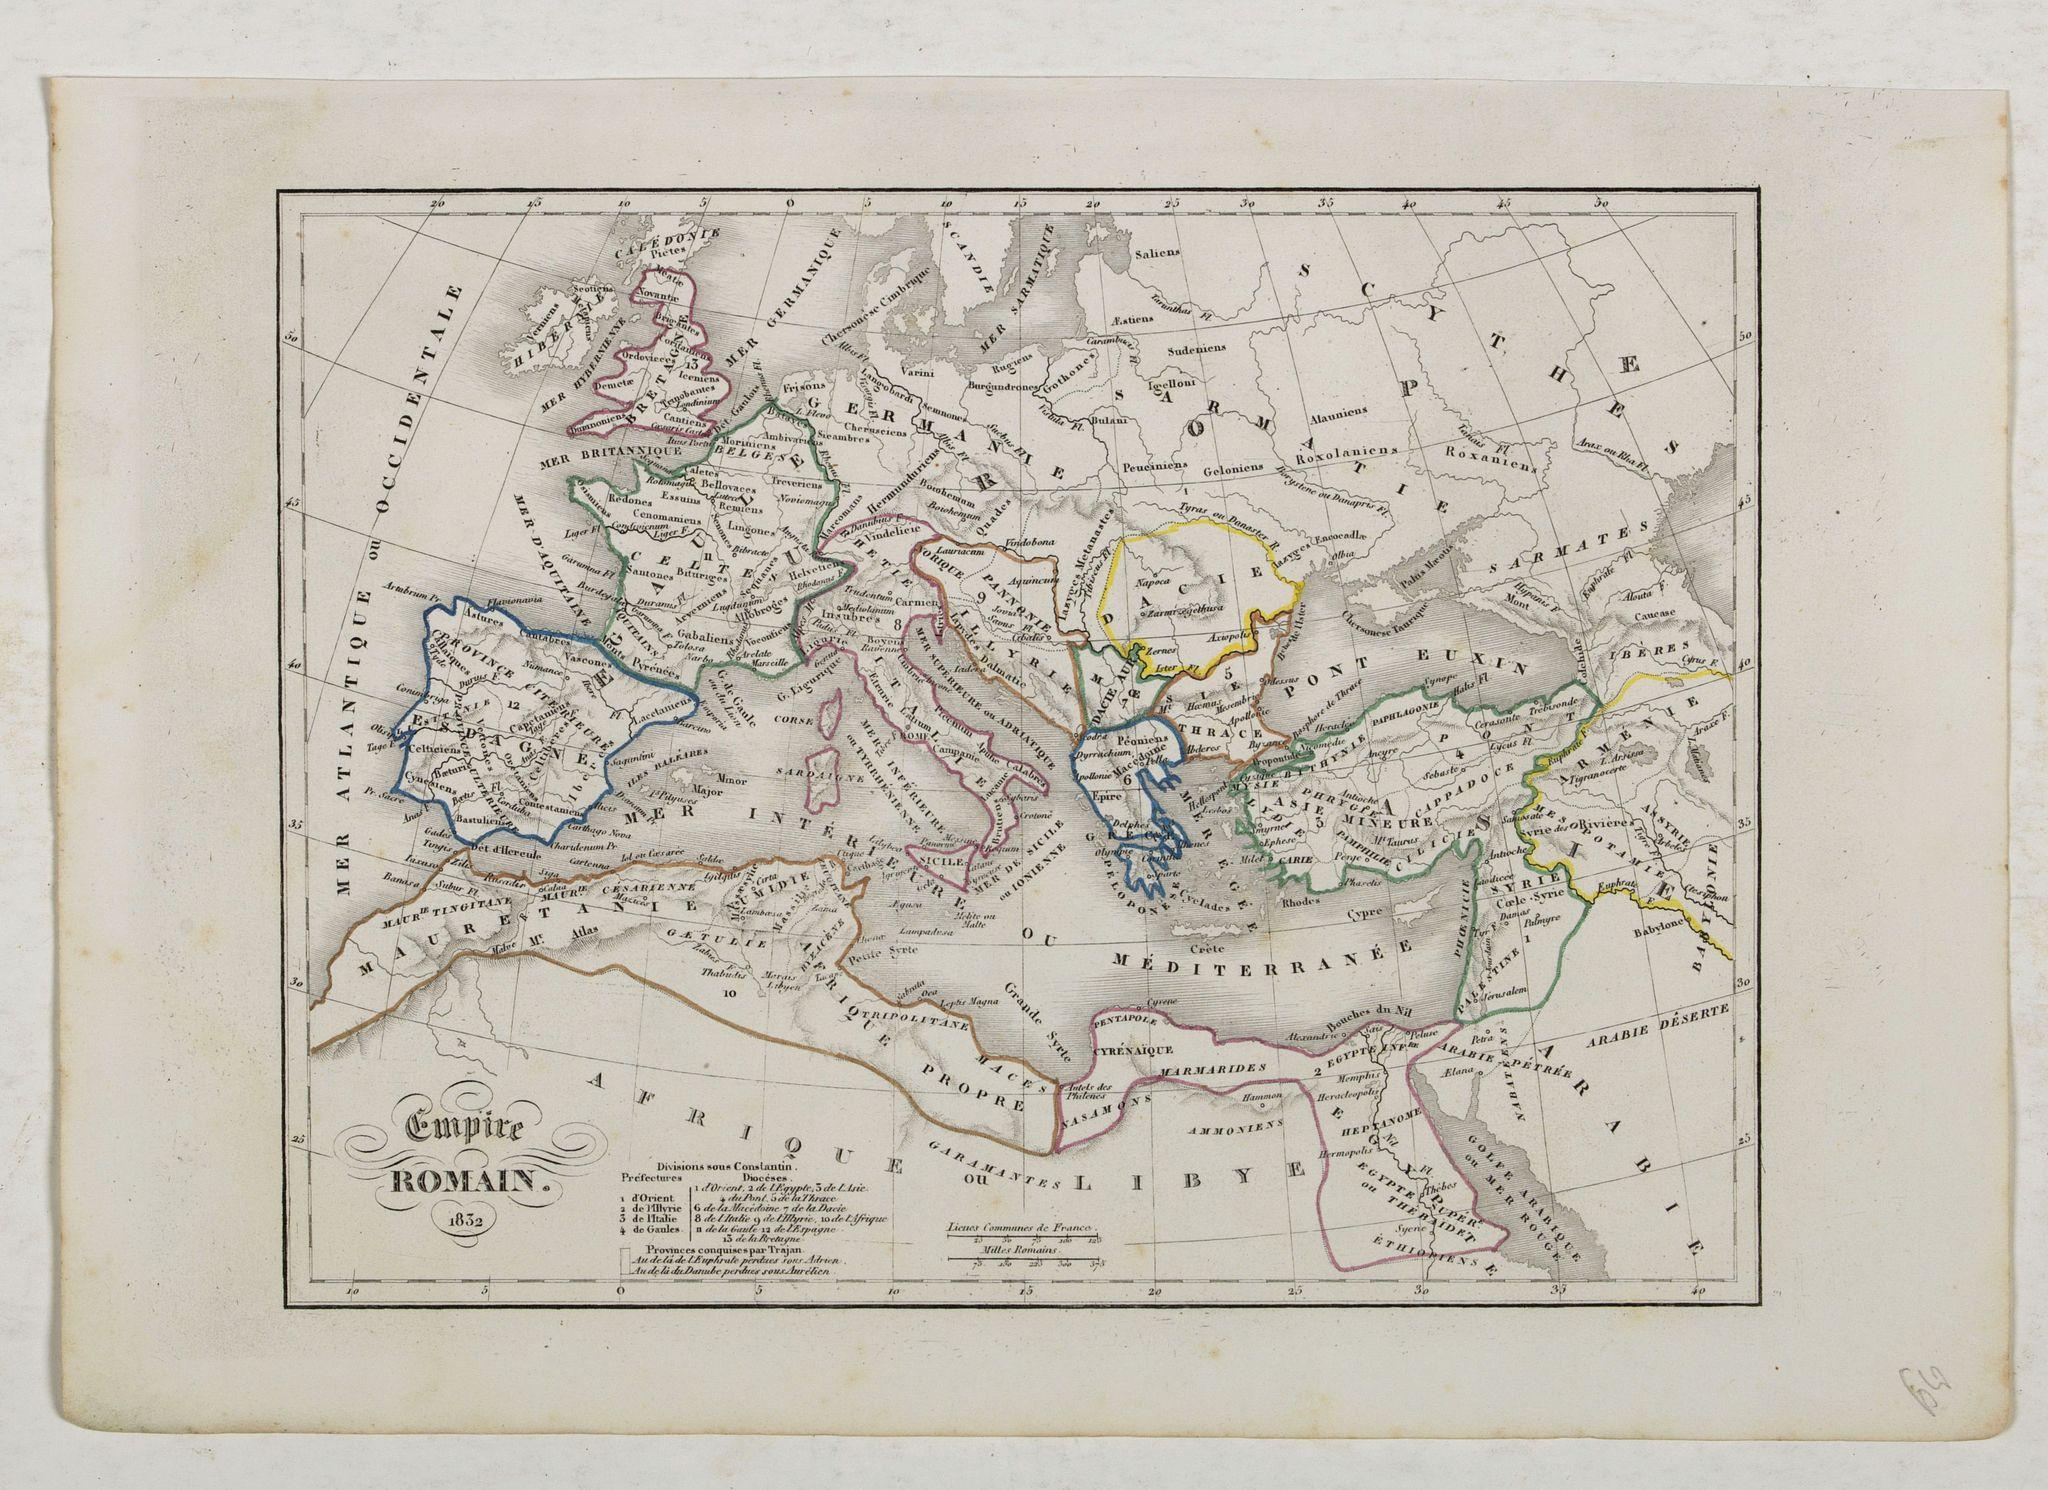 MONIN, C.V. -  Empire Romain.